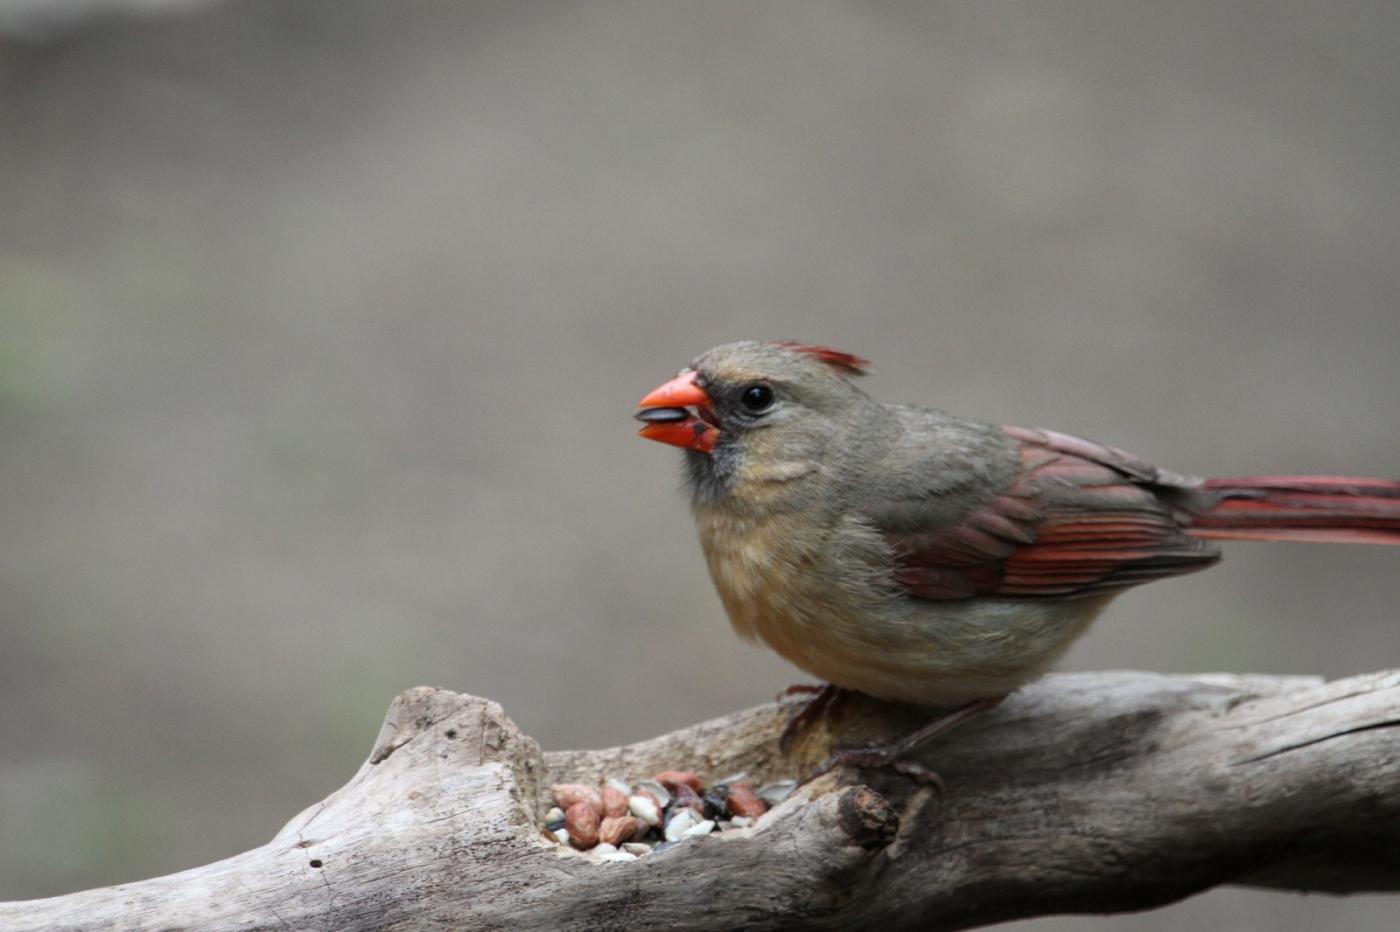 【田螺摄影】有吃的主教鸟还会挑肥拣瘦_图1-5